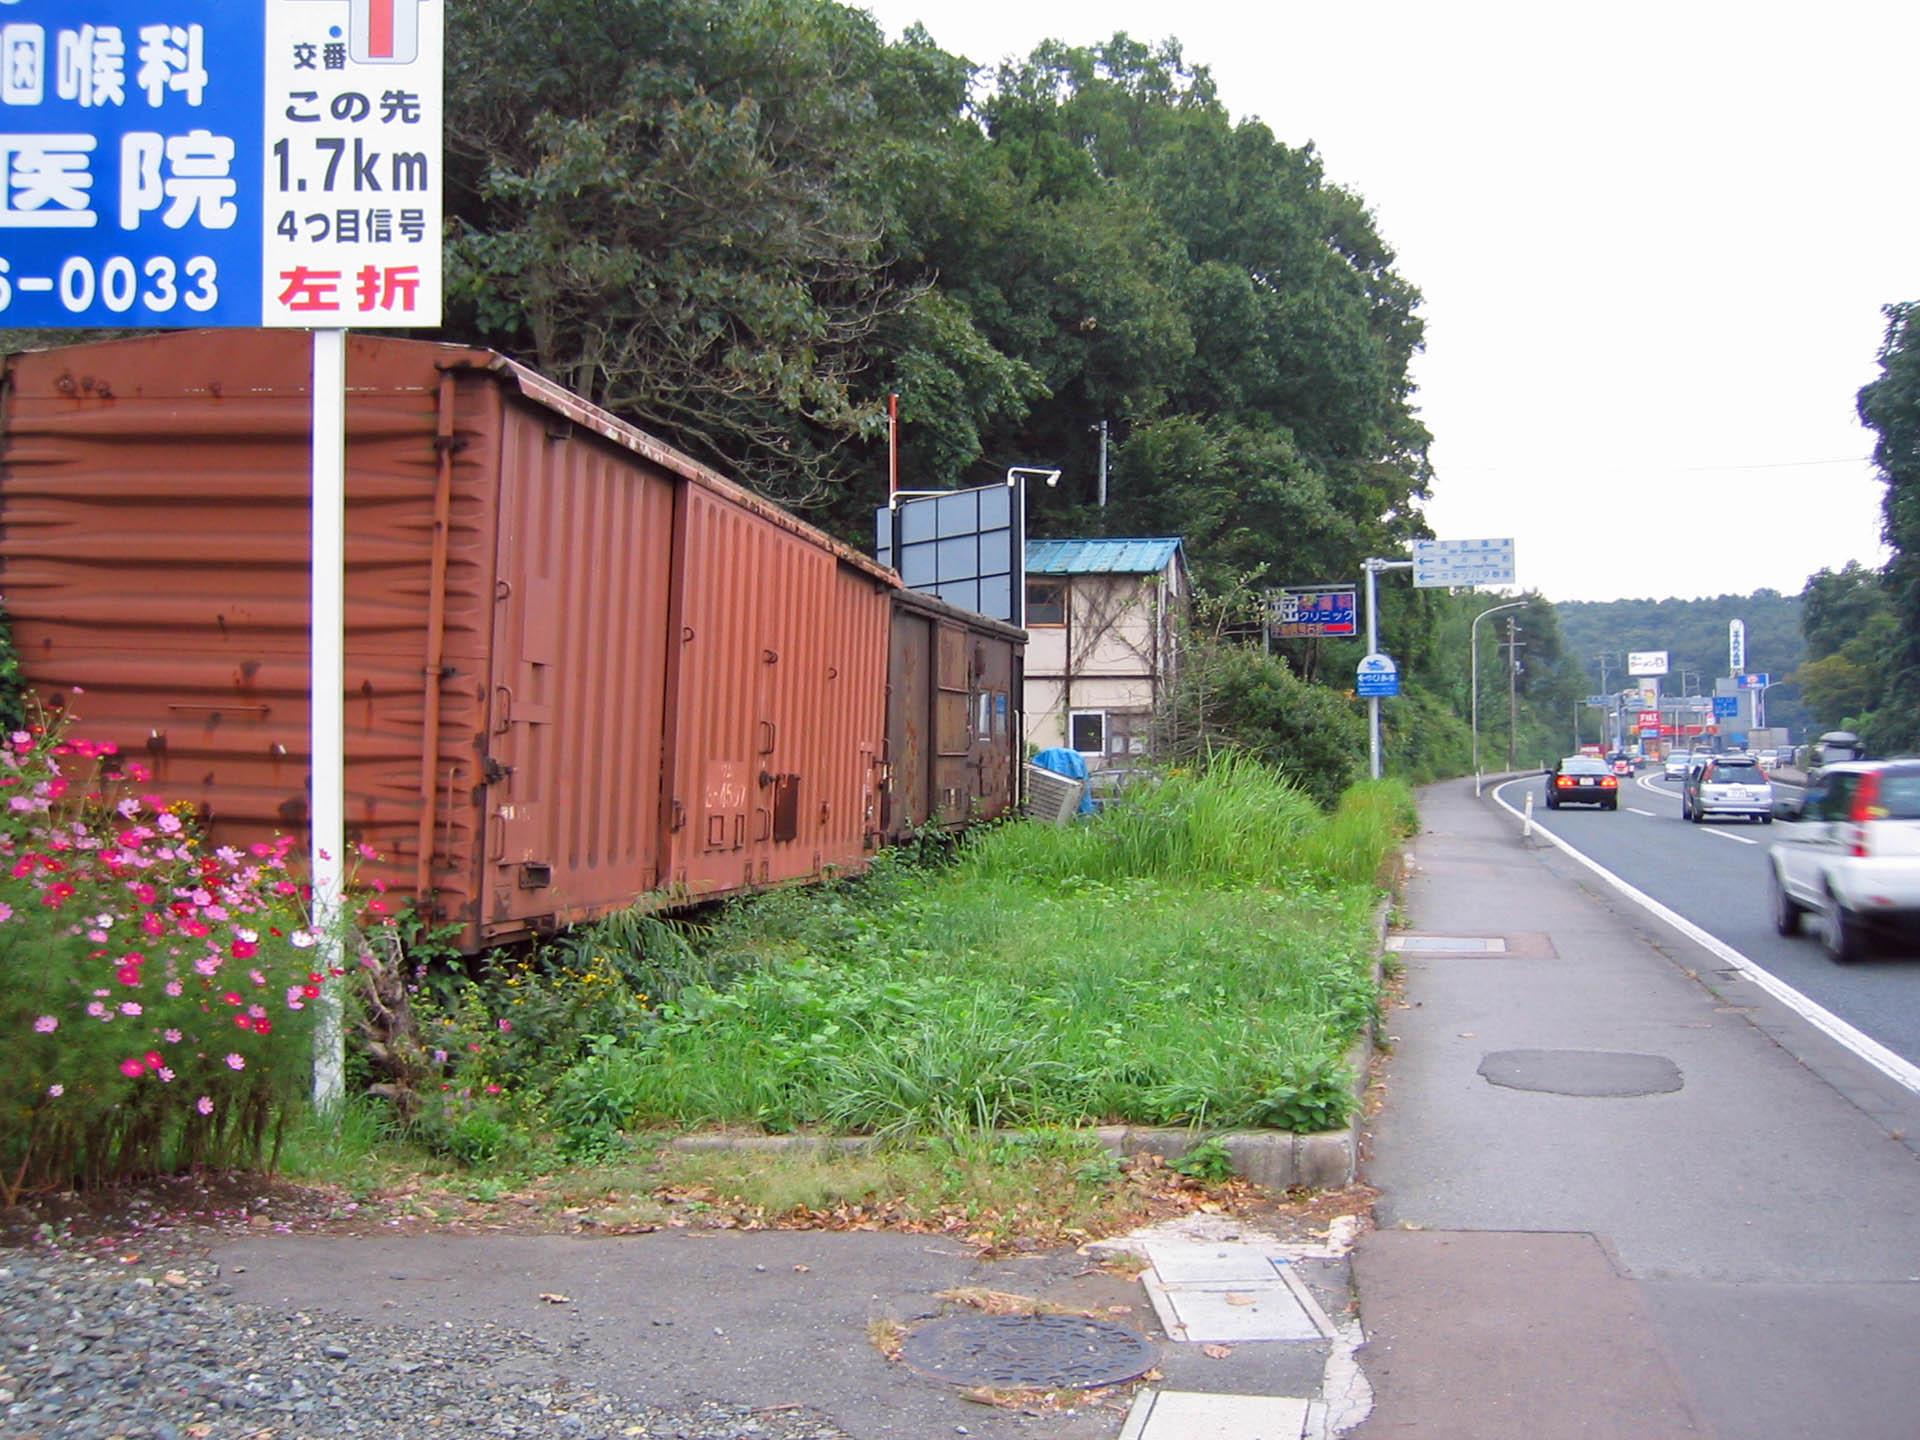 倉庫として使われる貨車